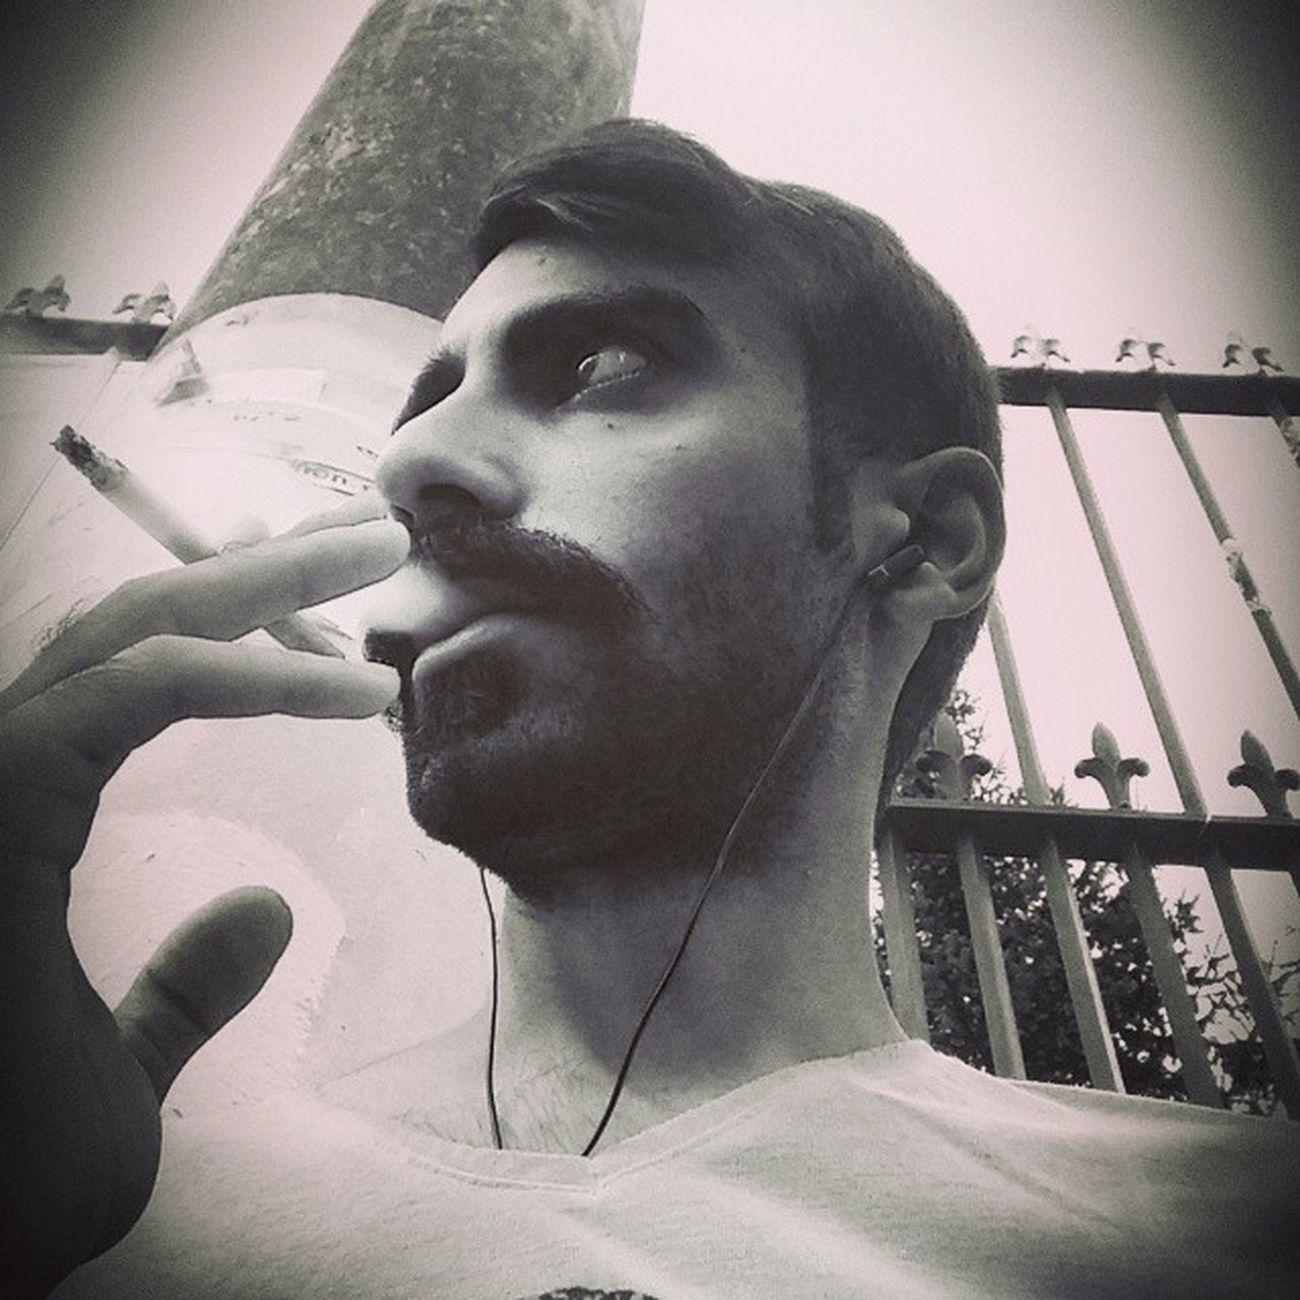 isimleri unut. yüzleri, sesleri, kokuları filan. geçmişine asfalt dök. yürüyebilmek için ihtiyacın olacak. Afilifilinta Beyoğlu Taksim Icmek gitmek gece alkol sigara istiklalcaddesi